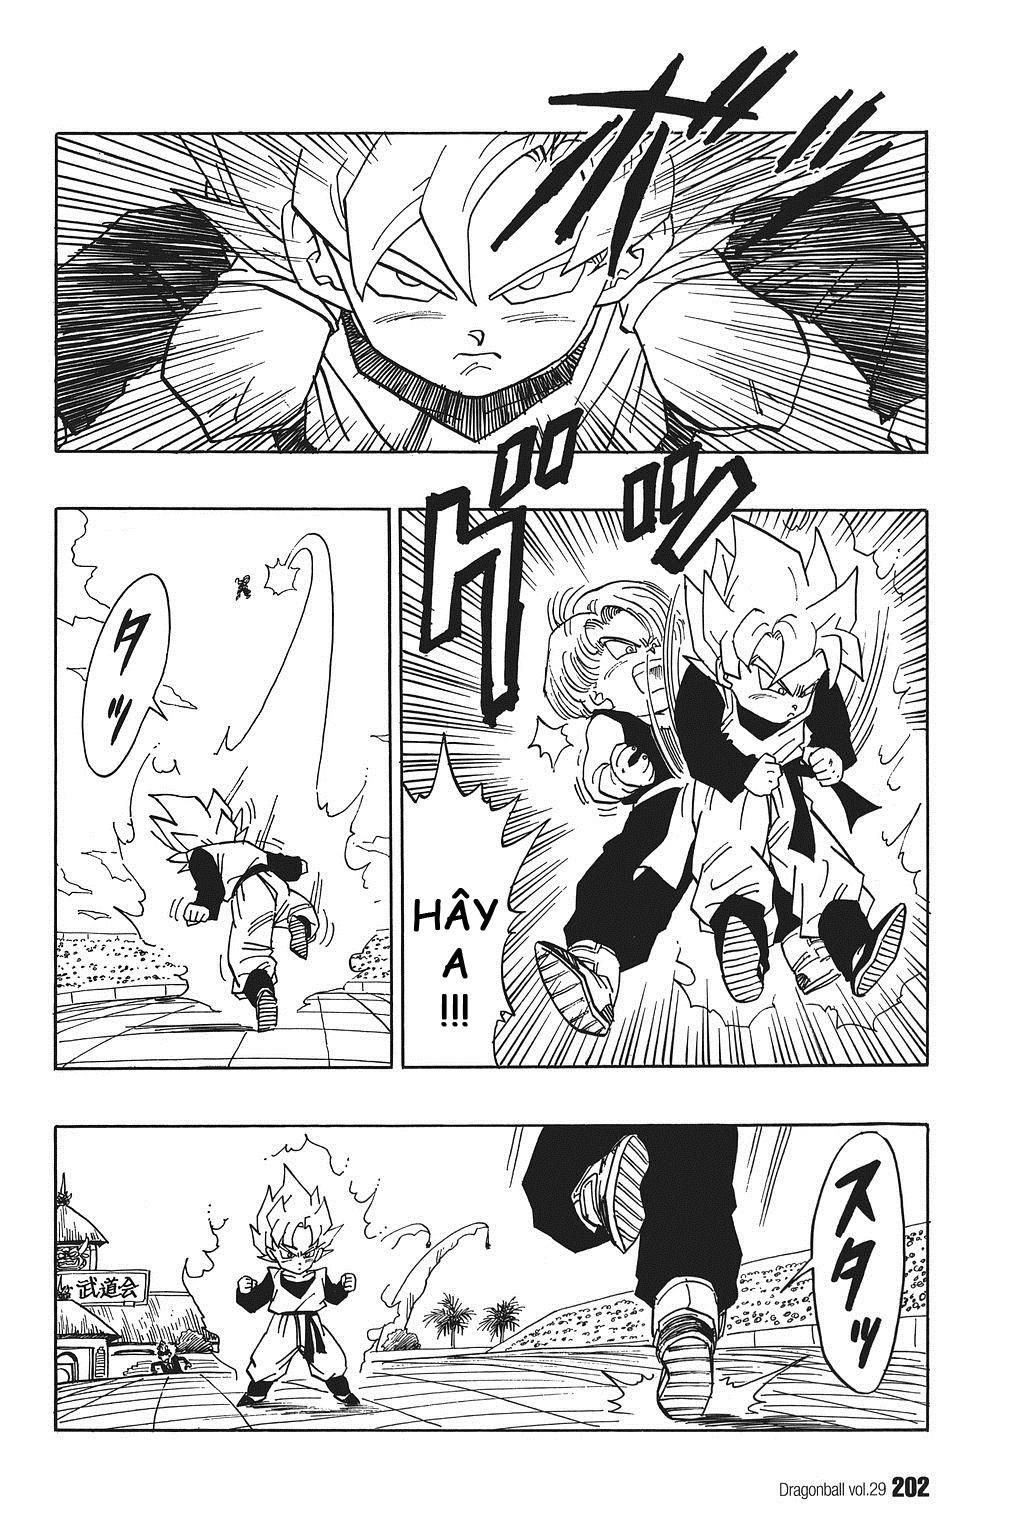 xem truyen moi - Dragon Ball Bản Vip - Bản Đẹp Nguyên Gốc Chap 434